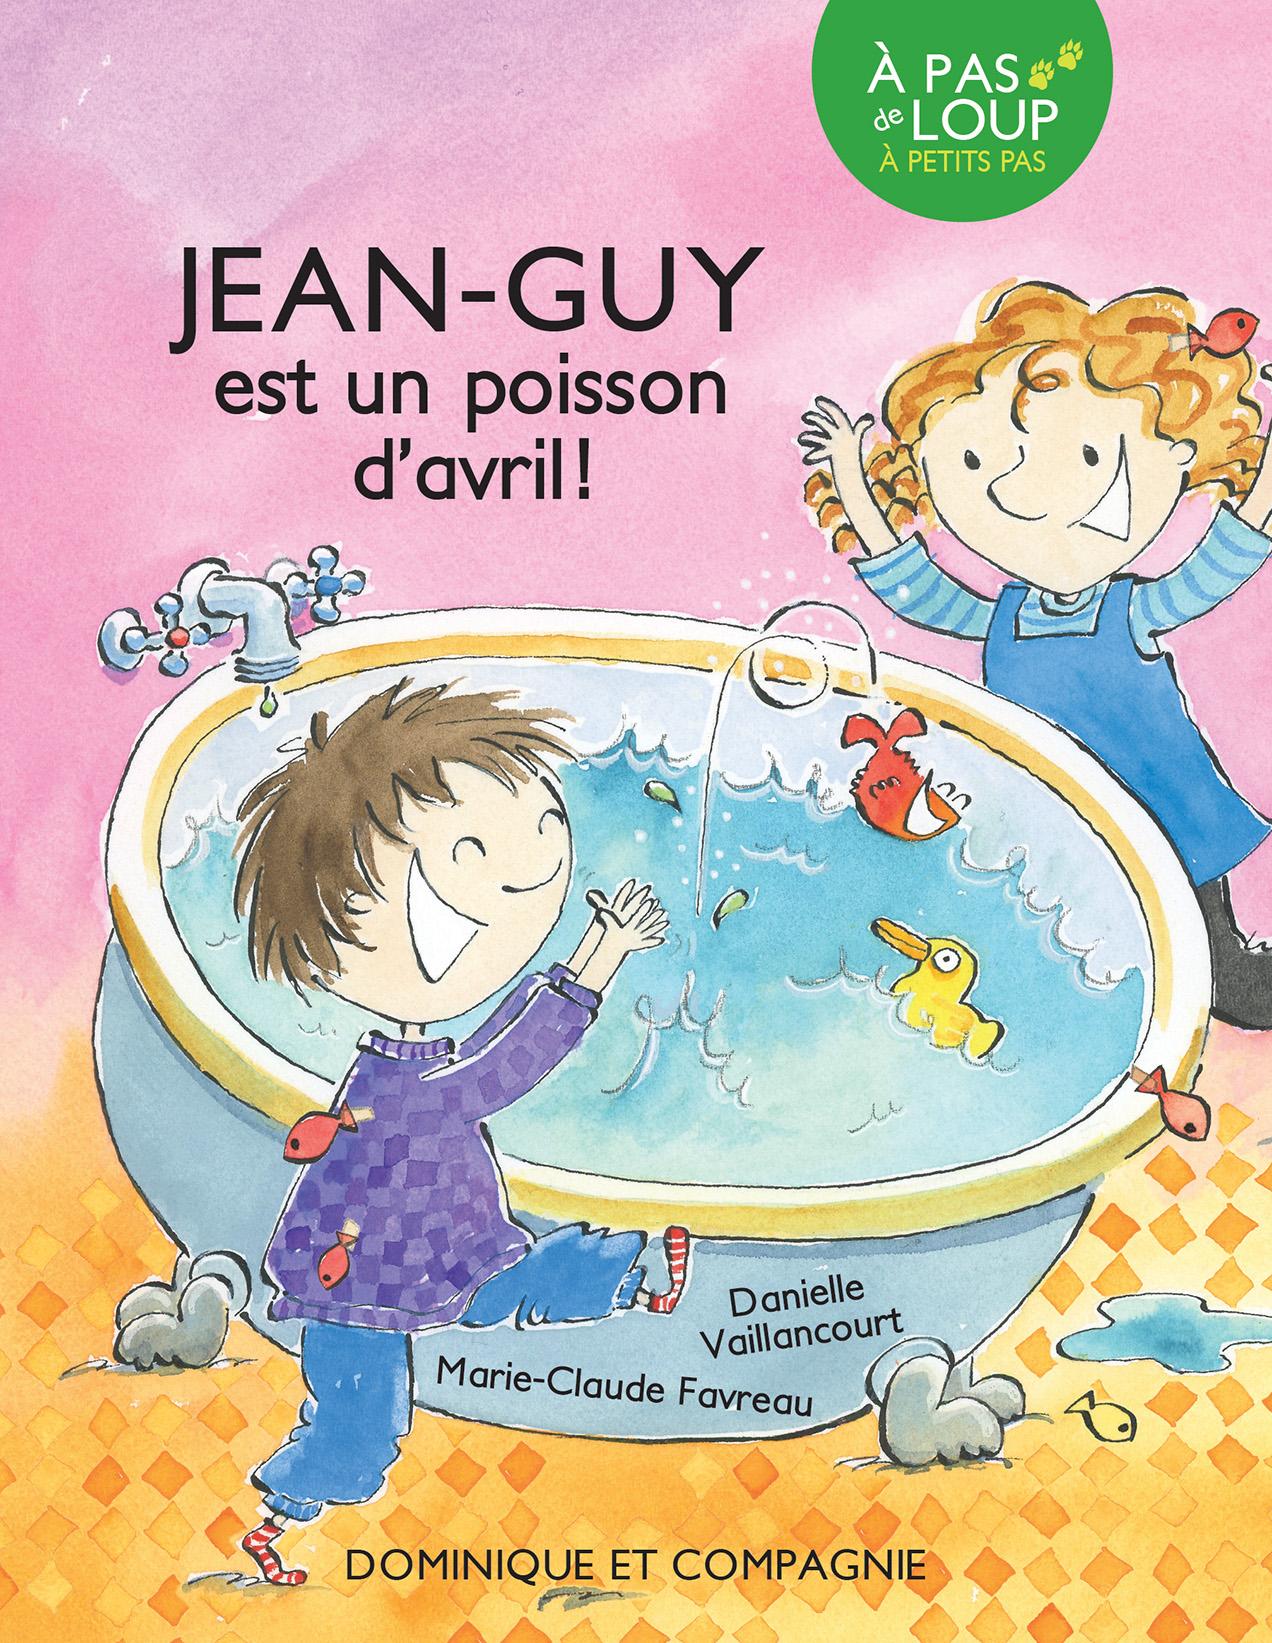 Jean-Guy est un poisson d'avril!